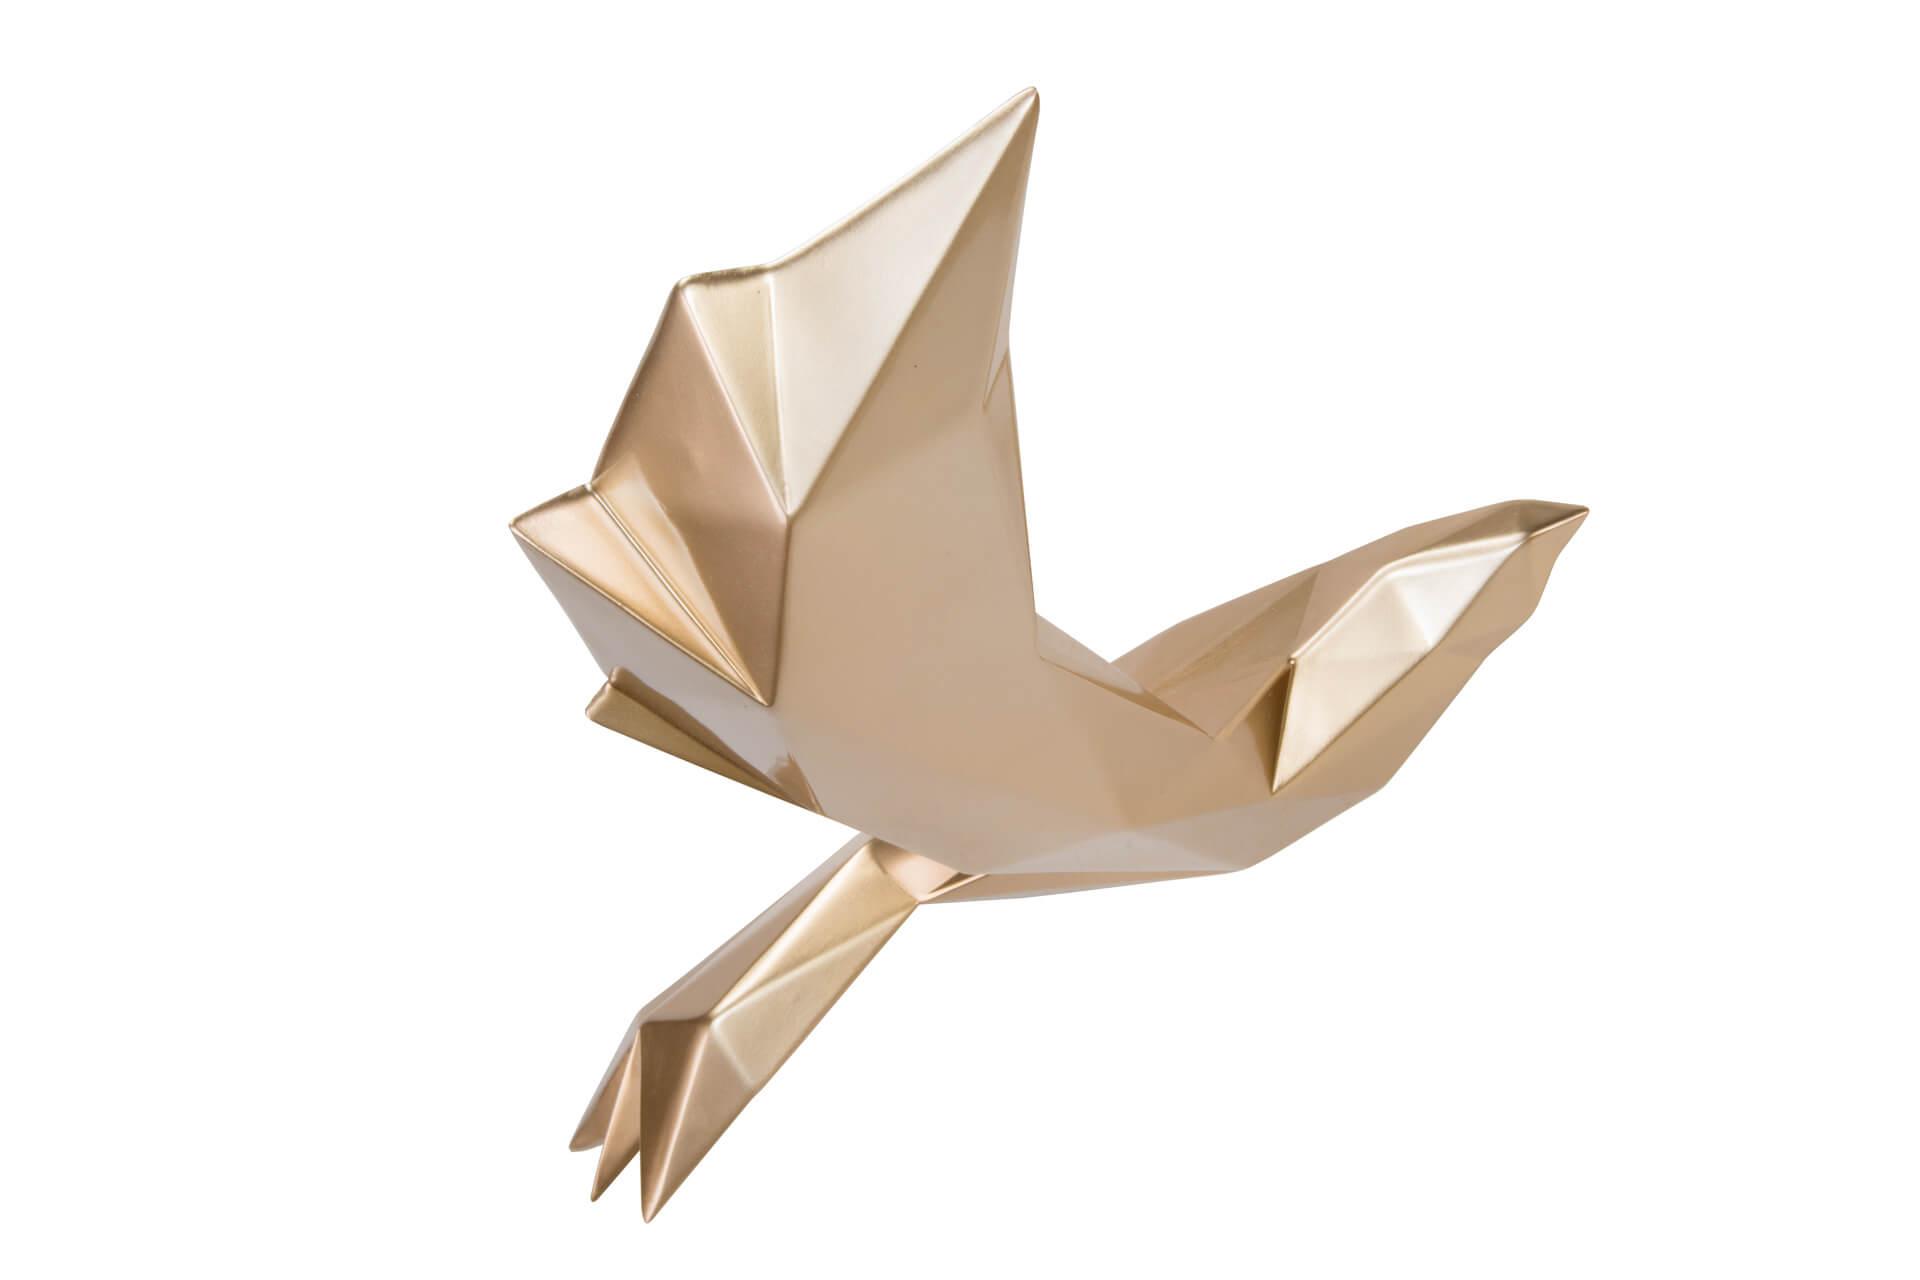 KL modern vogel deko gold skulptur statue aus stein figur plastik 01